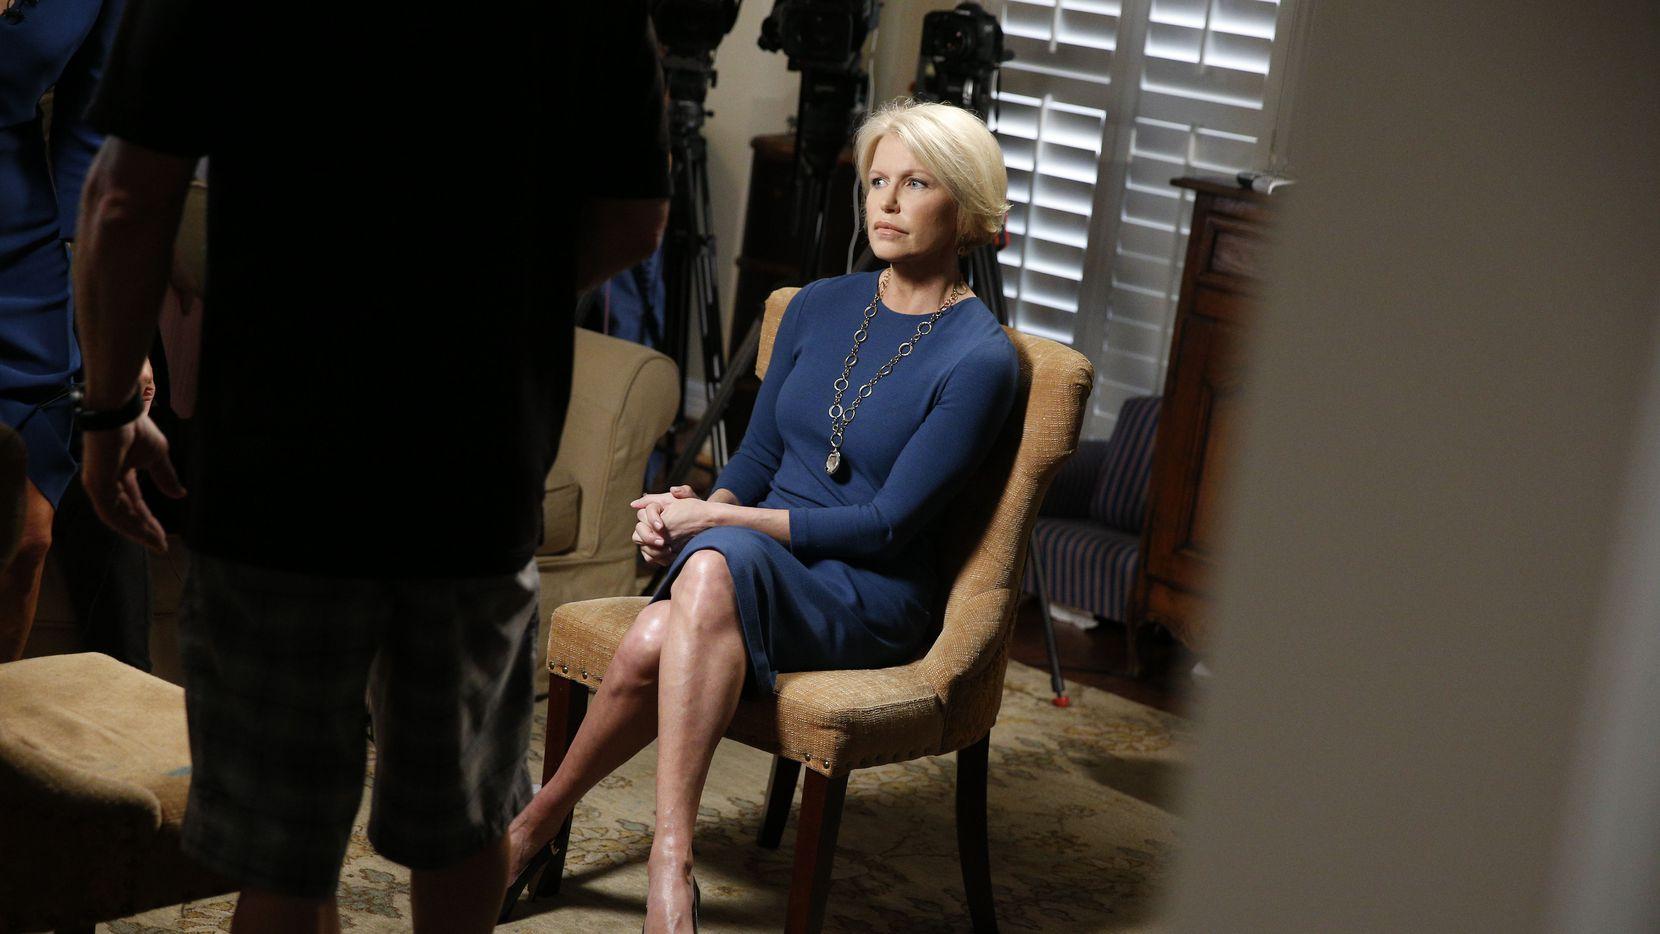 La fiscal de Dallas Susan Hawk durante una entrevista en la que habló sobre su depresión y consumo de analgésicos.